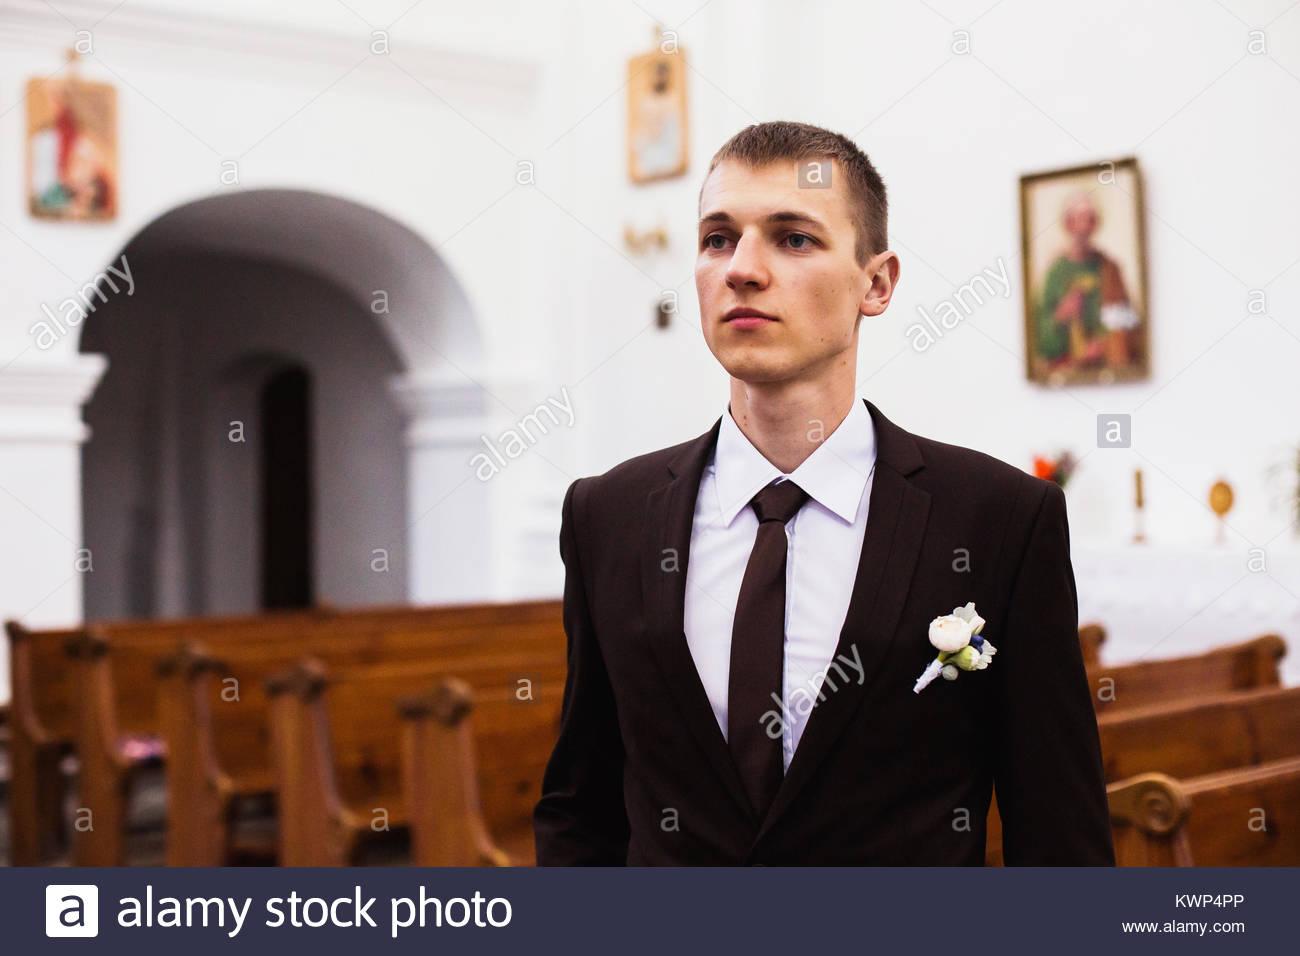 Der Brautigam In Einem Braunen Anzug In Der Kirche Kreative